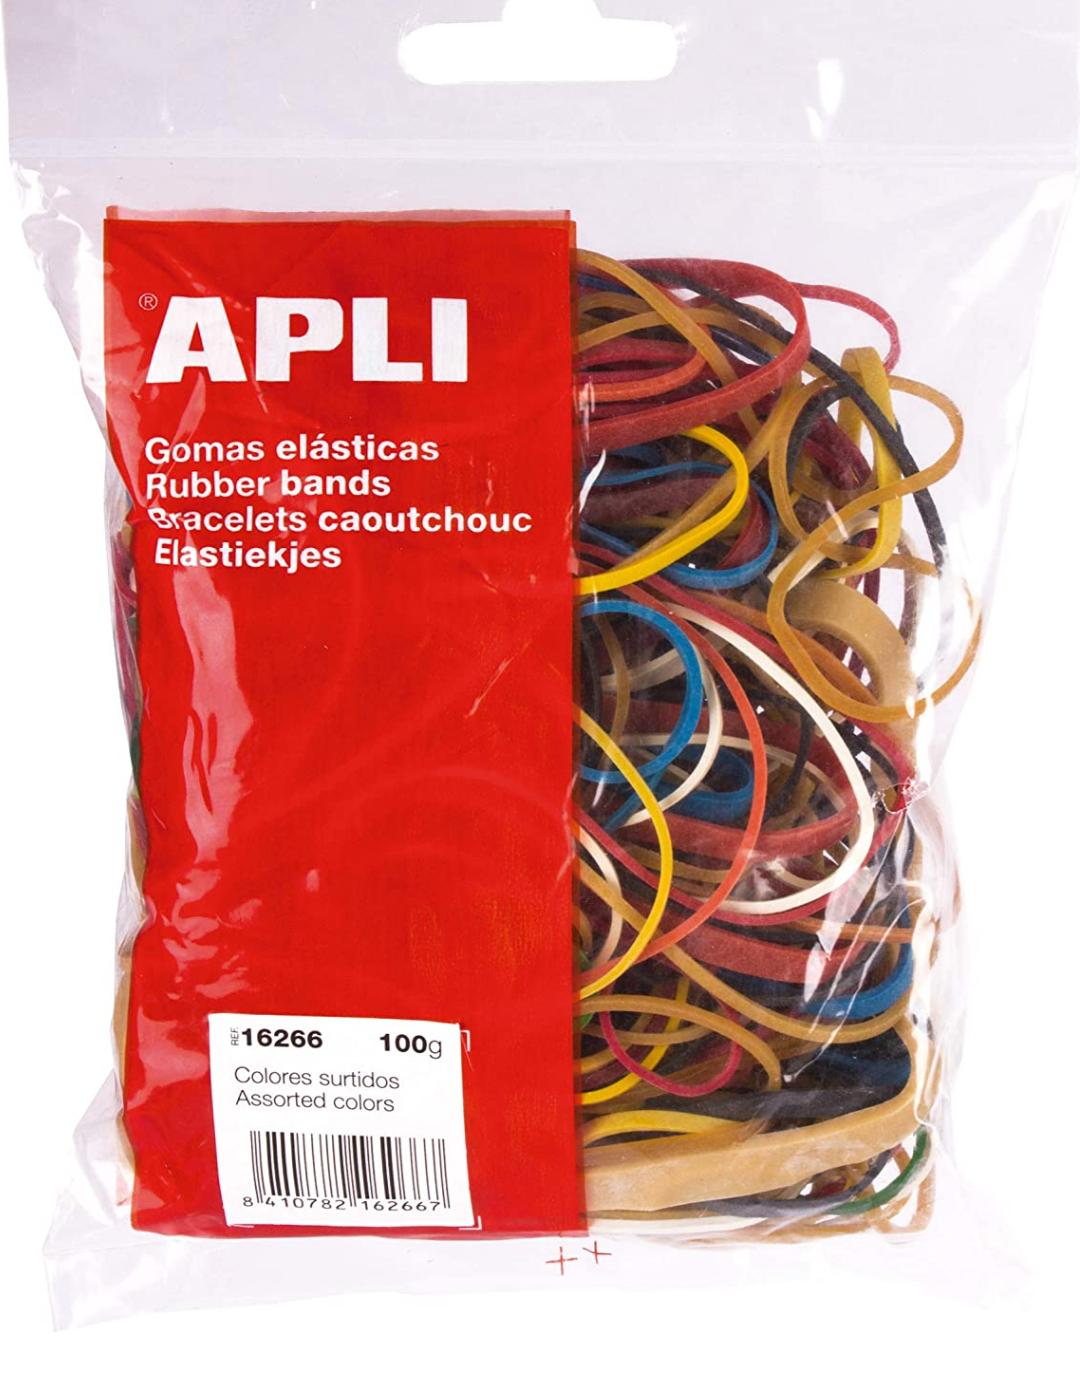 Assortiment d'élastiques Apli - 100g